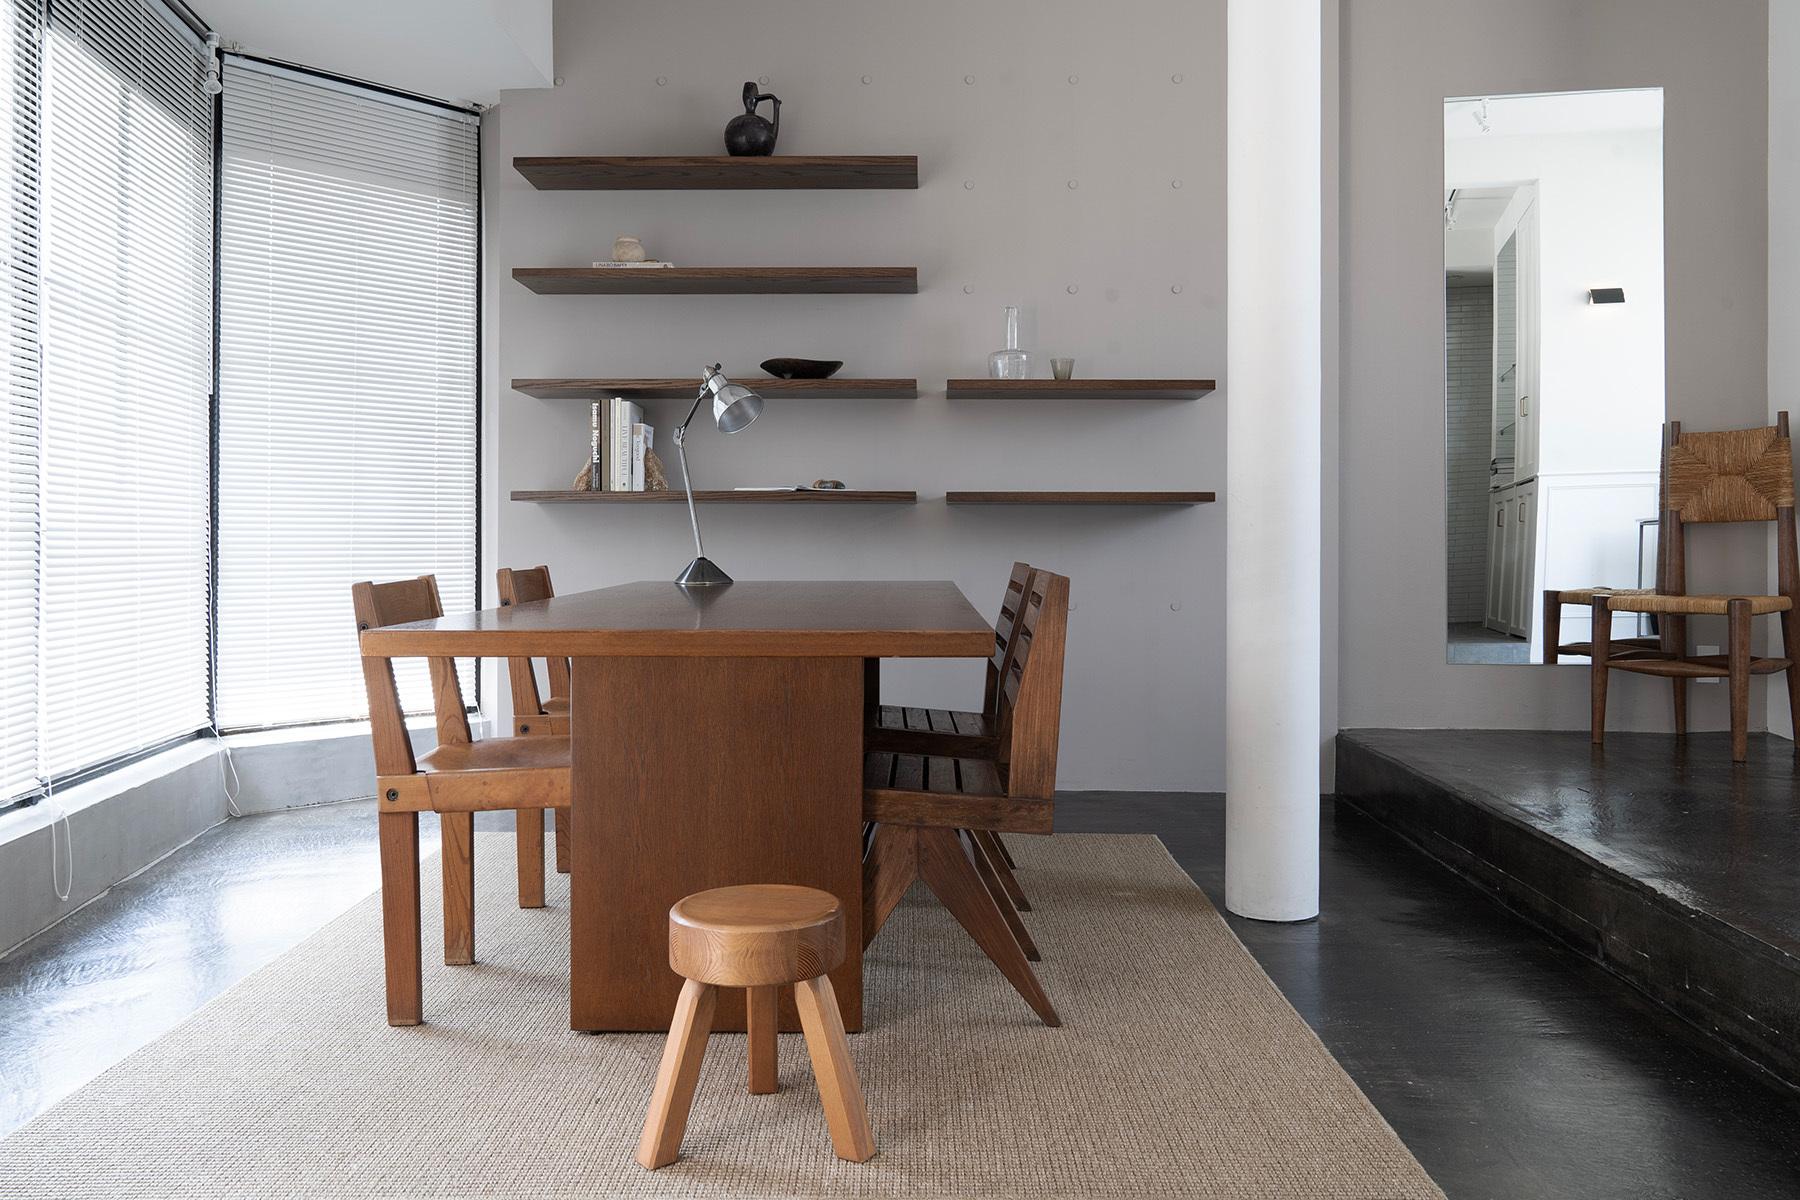 Laiton galleyspace & studio (レトン)ミニマムでシンプルな空間